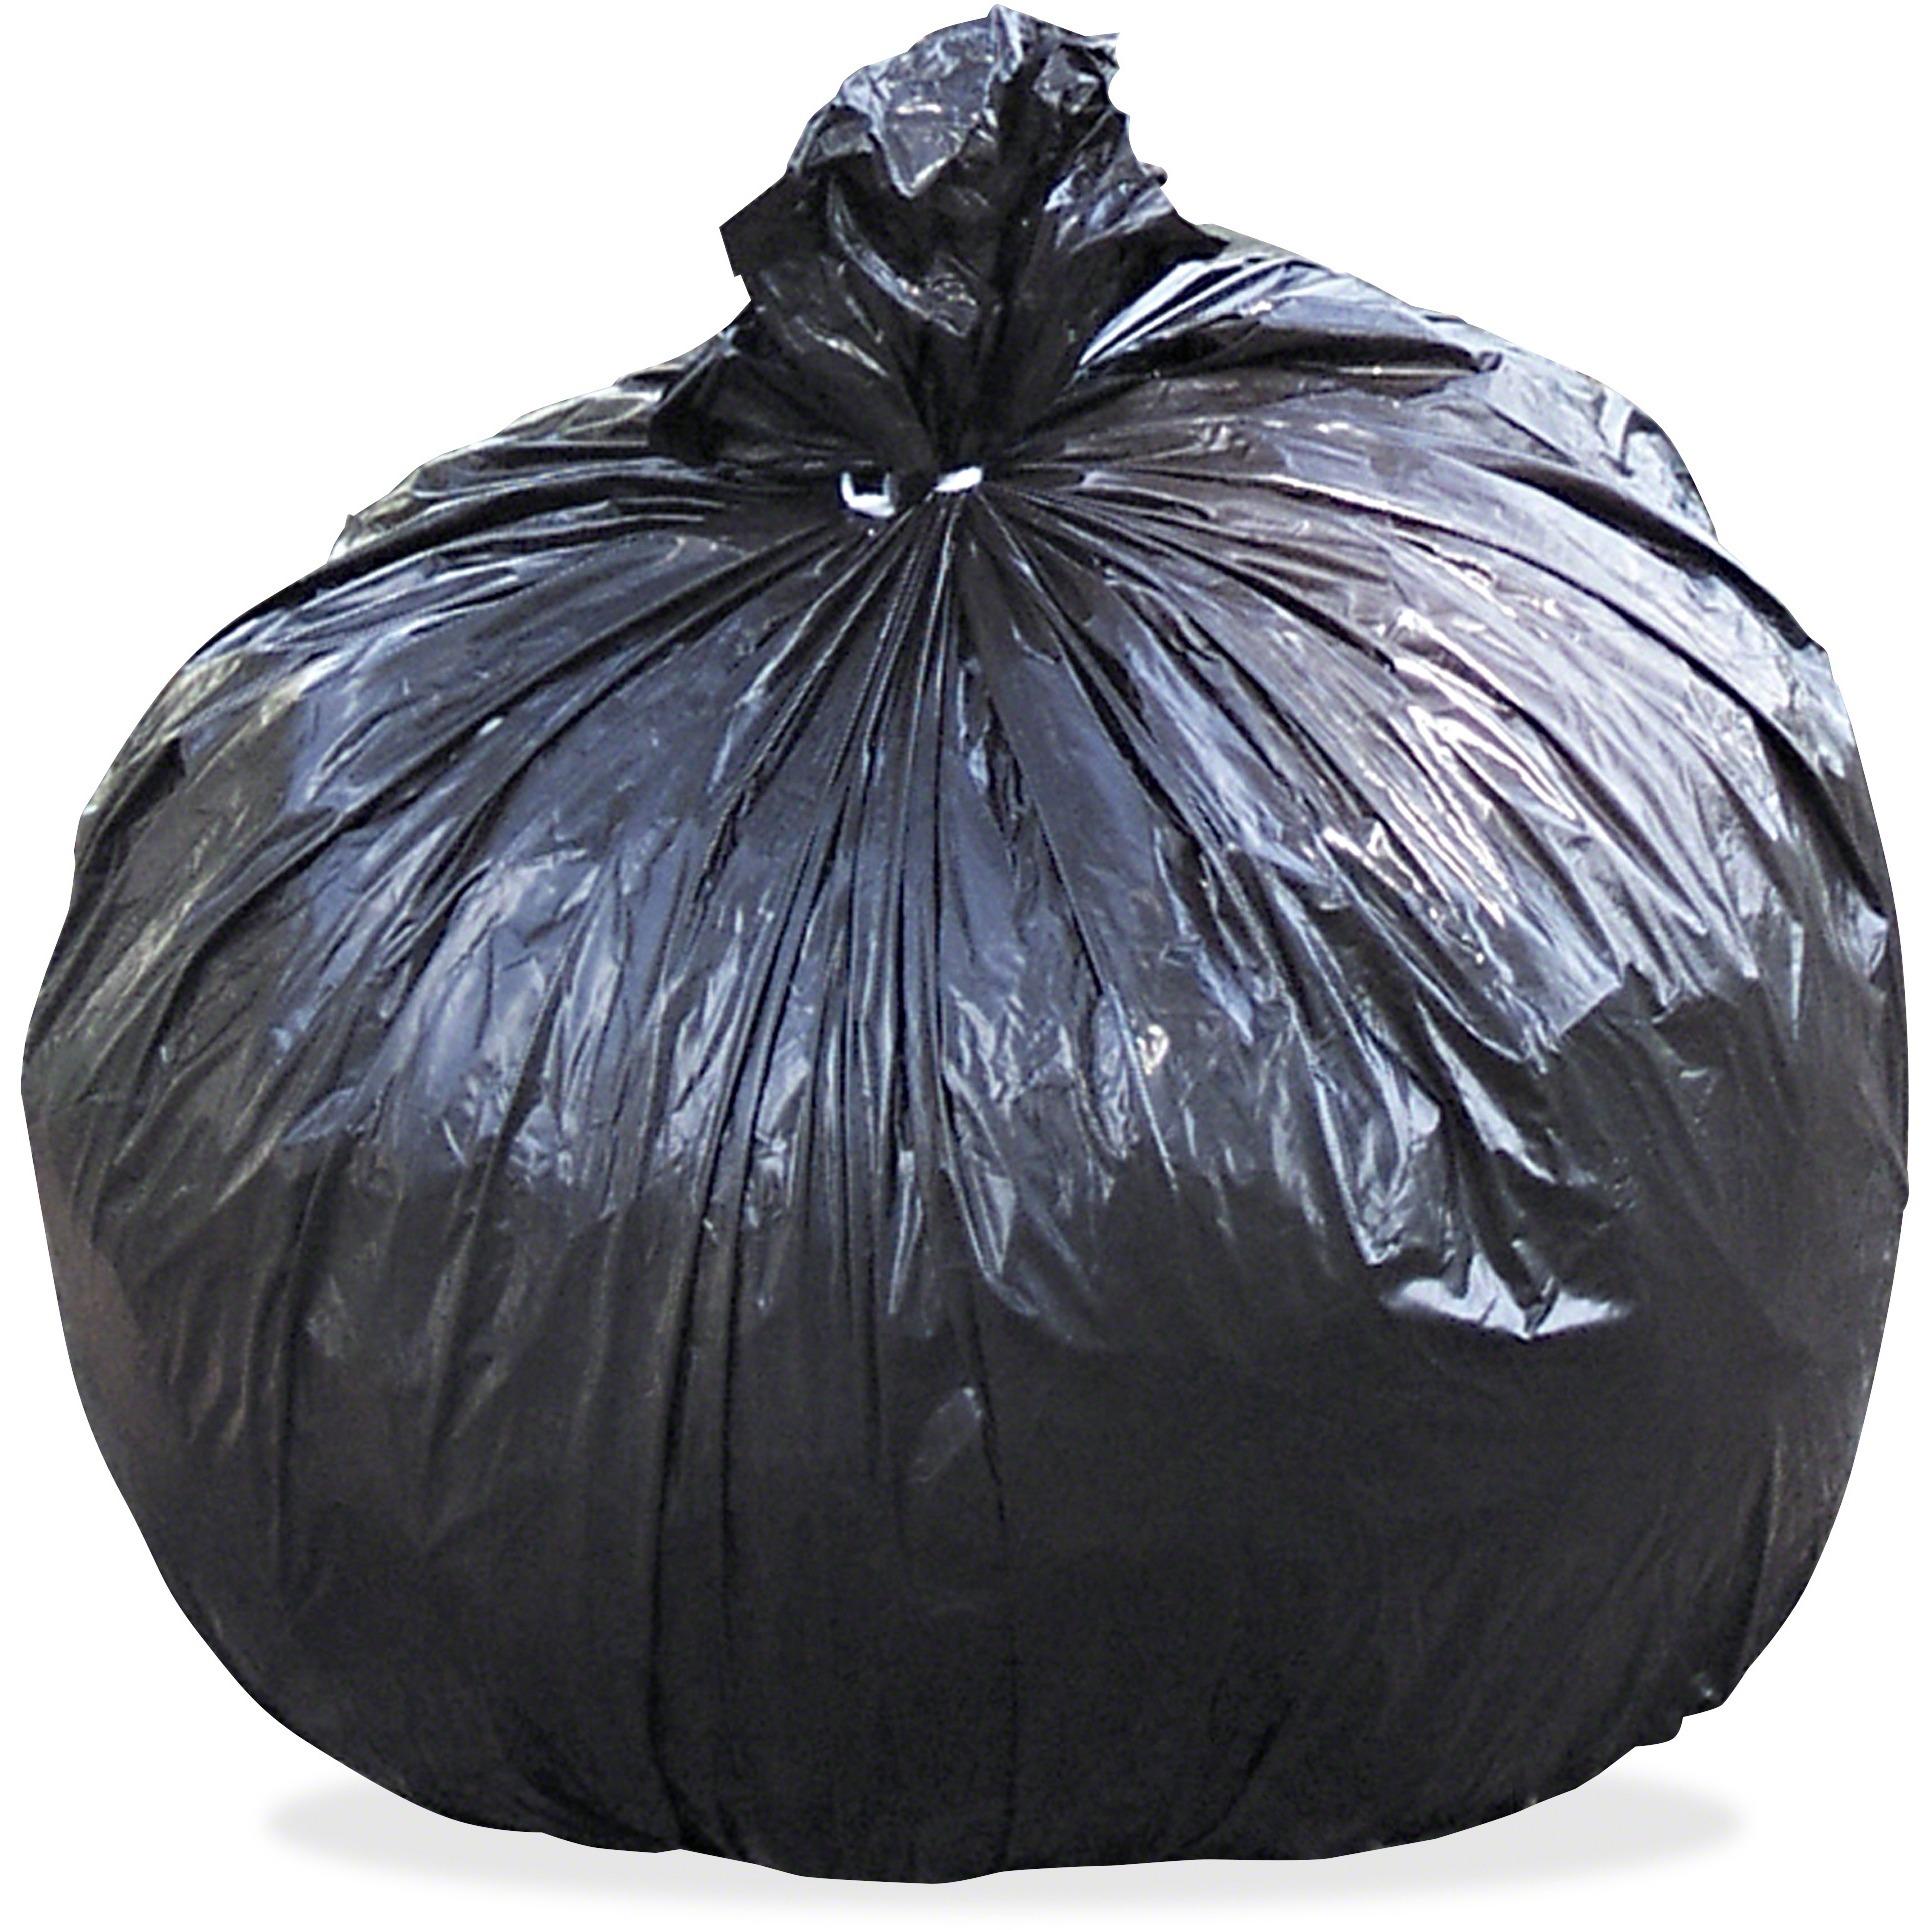 100% Recycled Plastic Garbage Bags, 60gal, 1.5mil, 36 x 58, Brown/Black, 100/CT